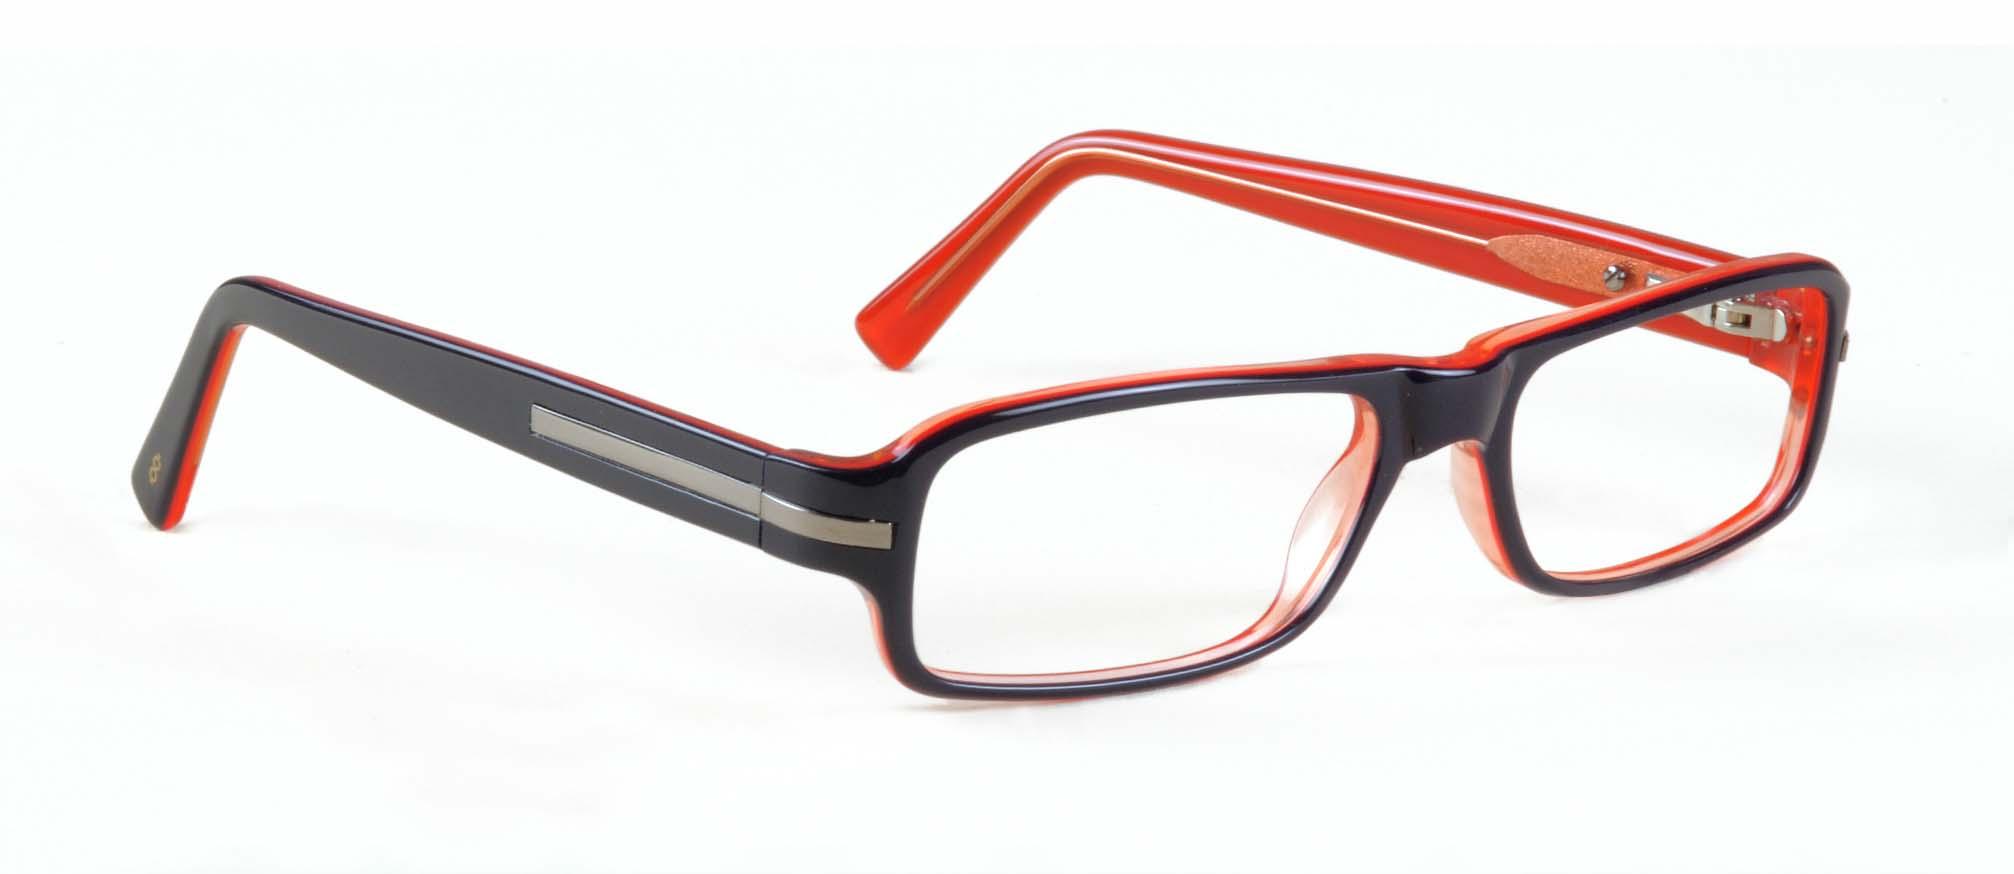 Handmade Acetate Optical Eyewear Frame - Buy Eyewear Frame Product ...